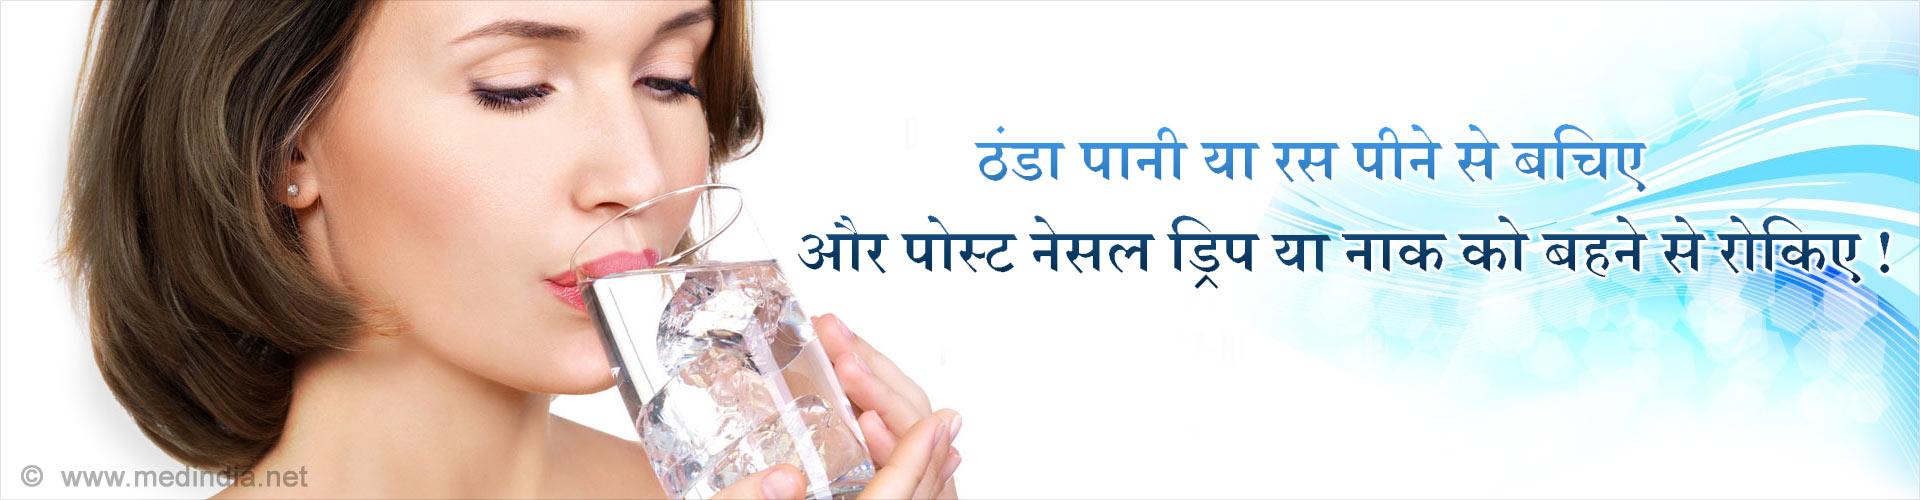 ठंडा पानी या रस पीने से बचिए और पोस्ट नेसल ड्रिप/नाक को बहने से रोकिए !